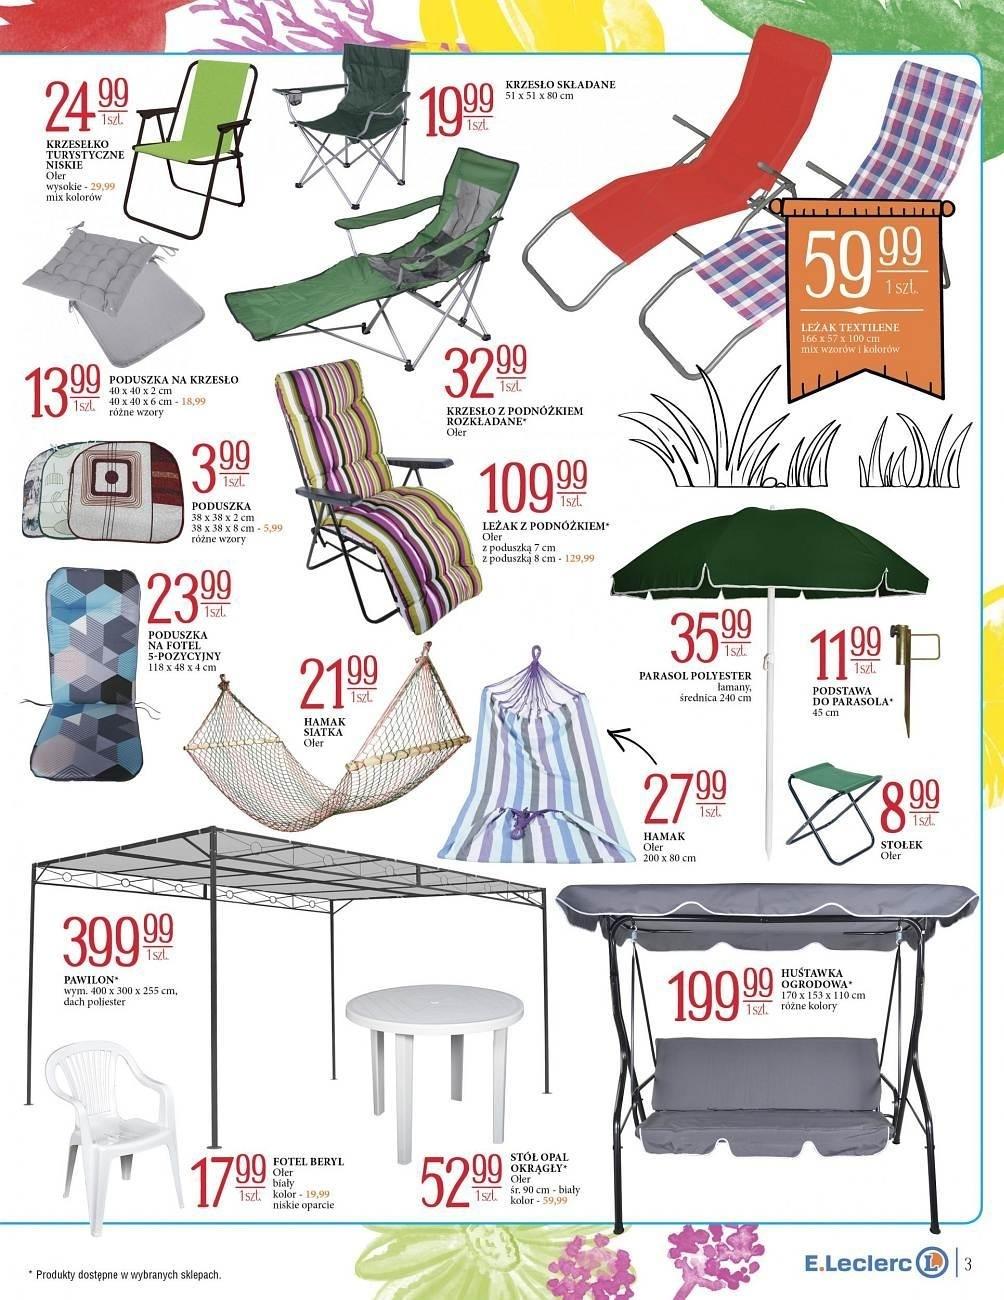 Table Camping Pliante Leclerc Impressionnant Galerie tonnelle Pliante Leclerc Luxe Leclerc Abri De Jardin S – Les